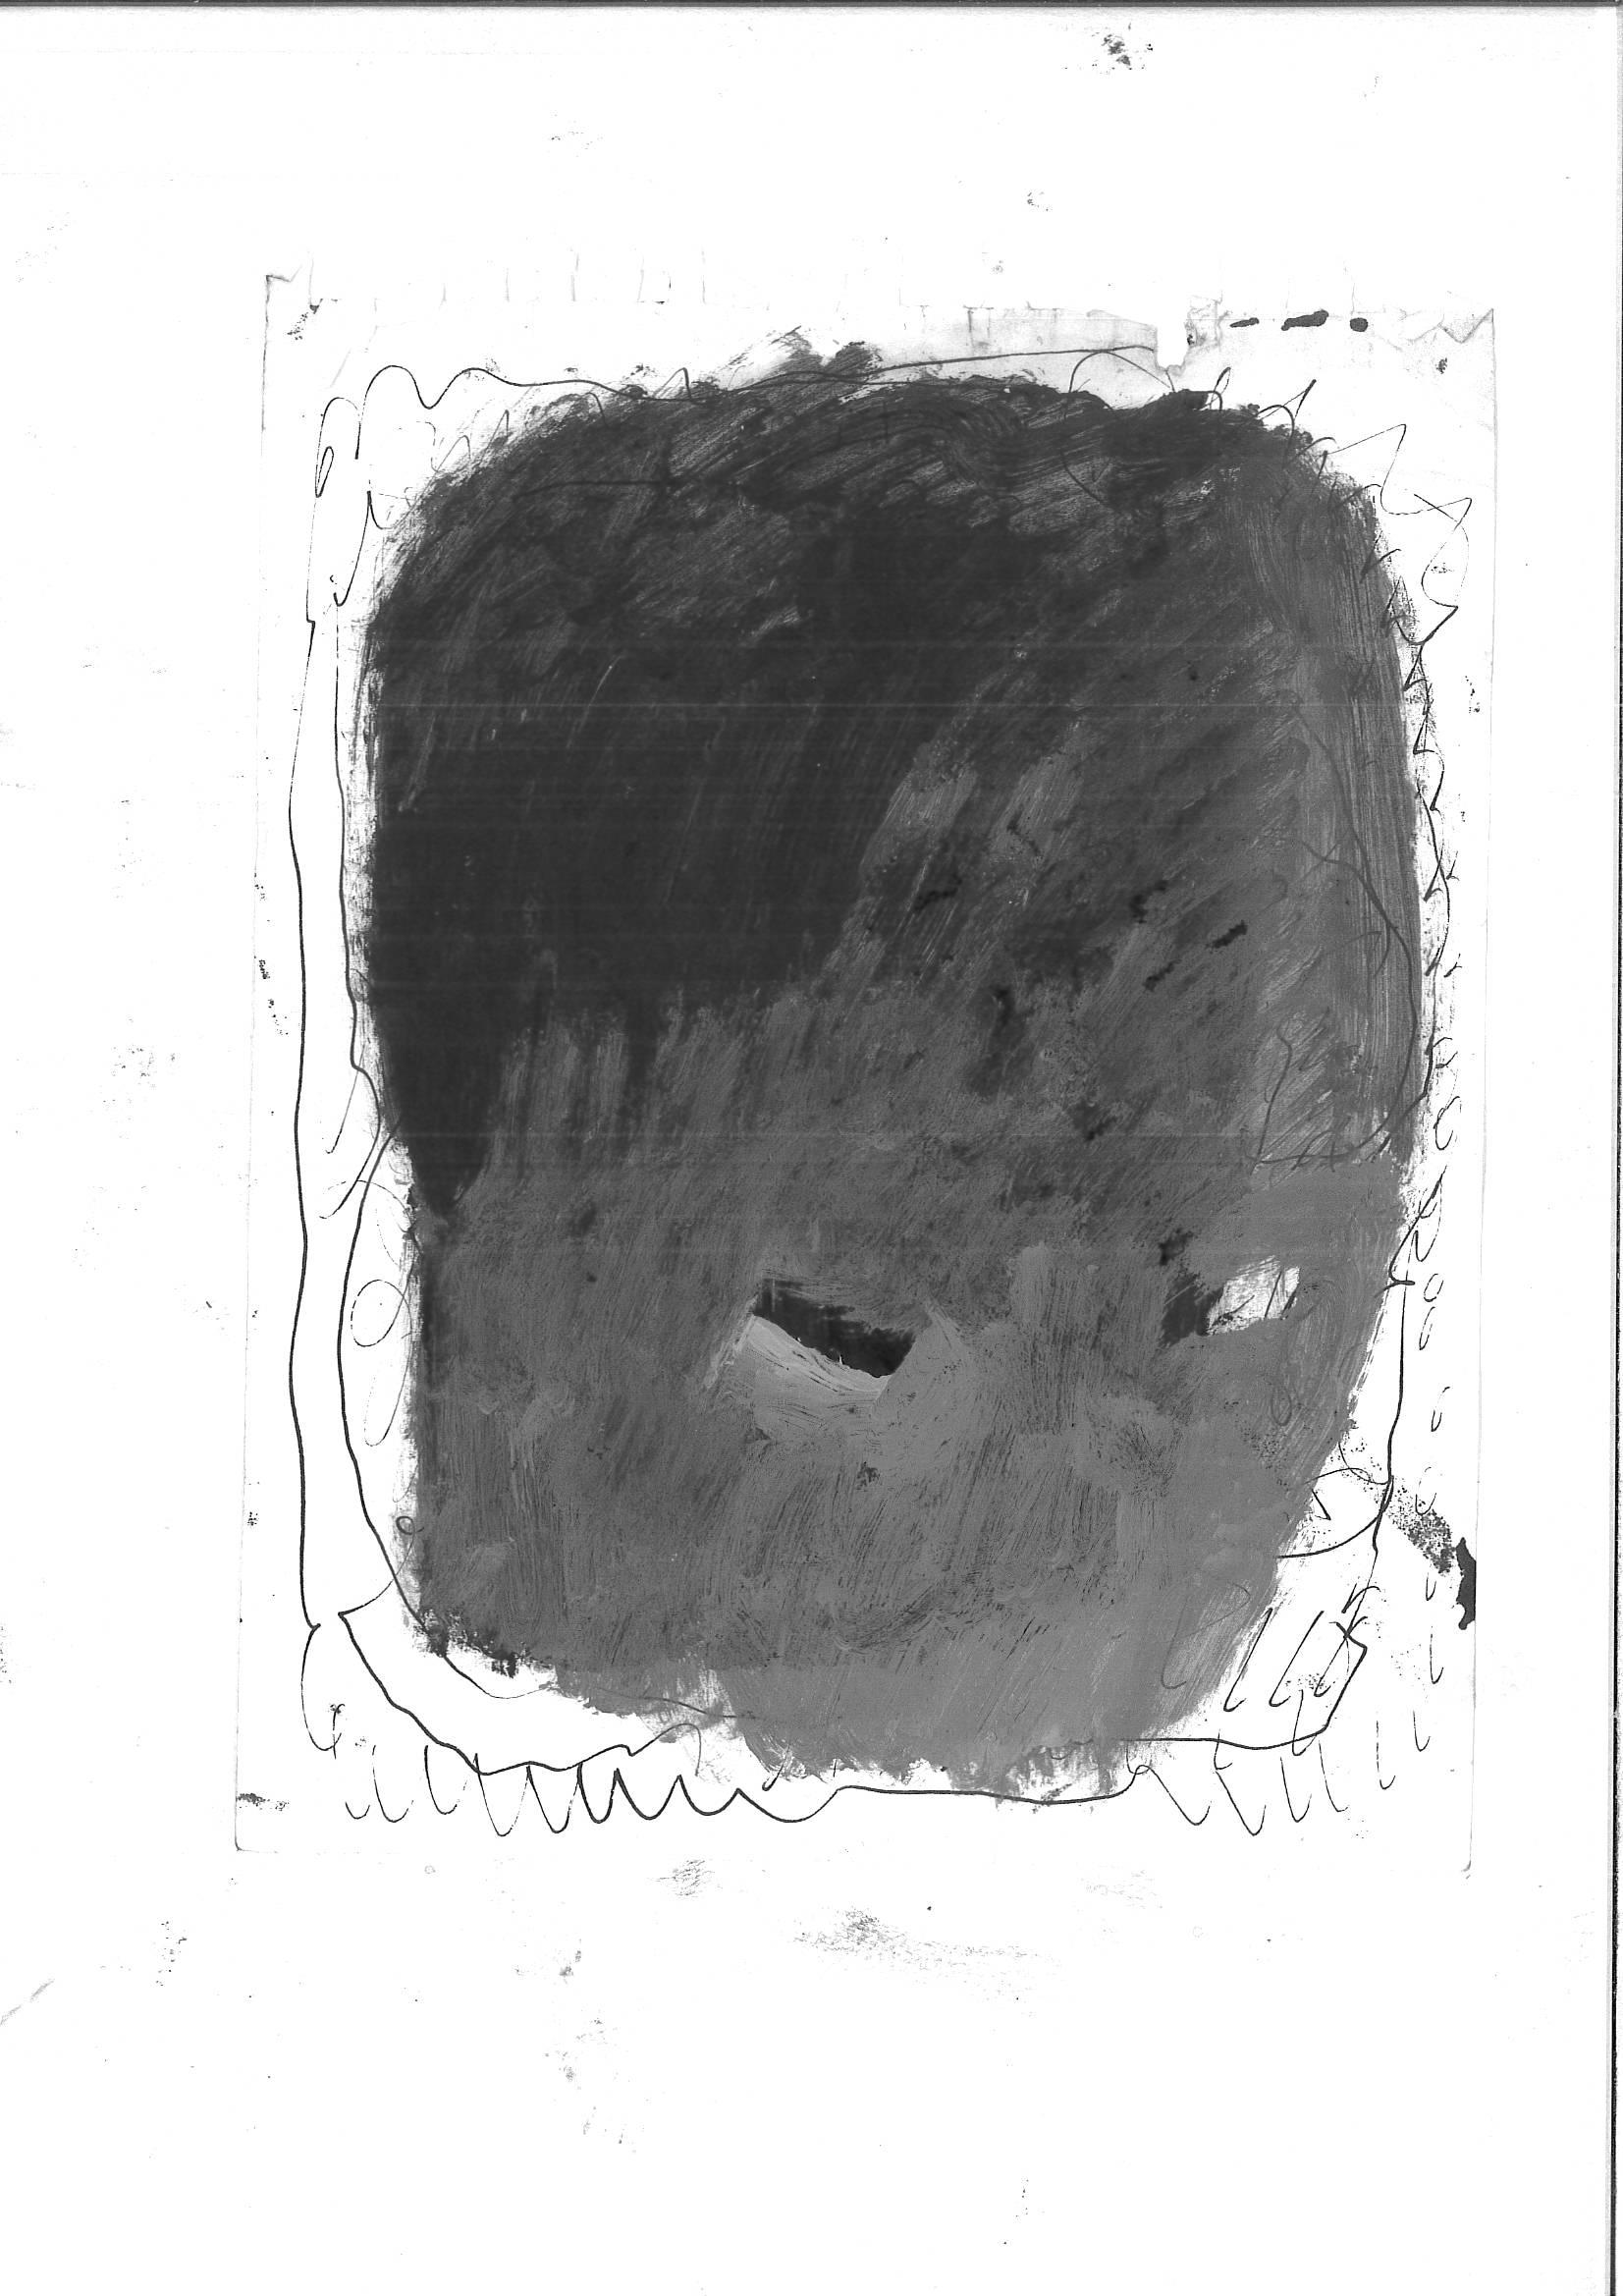 ART EXRPRIM 18_20150125_172007_Page_09